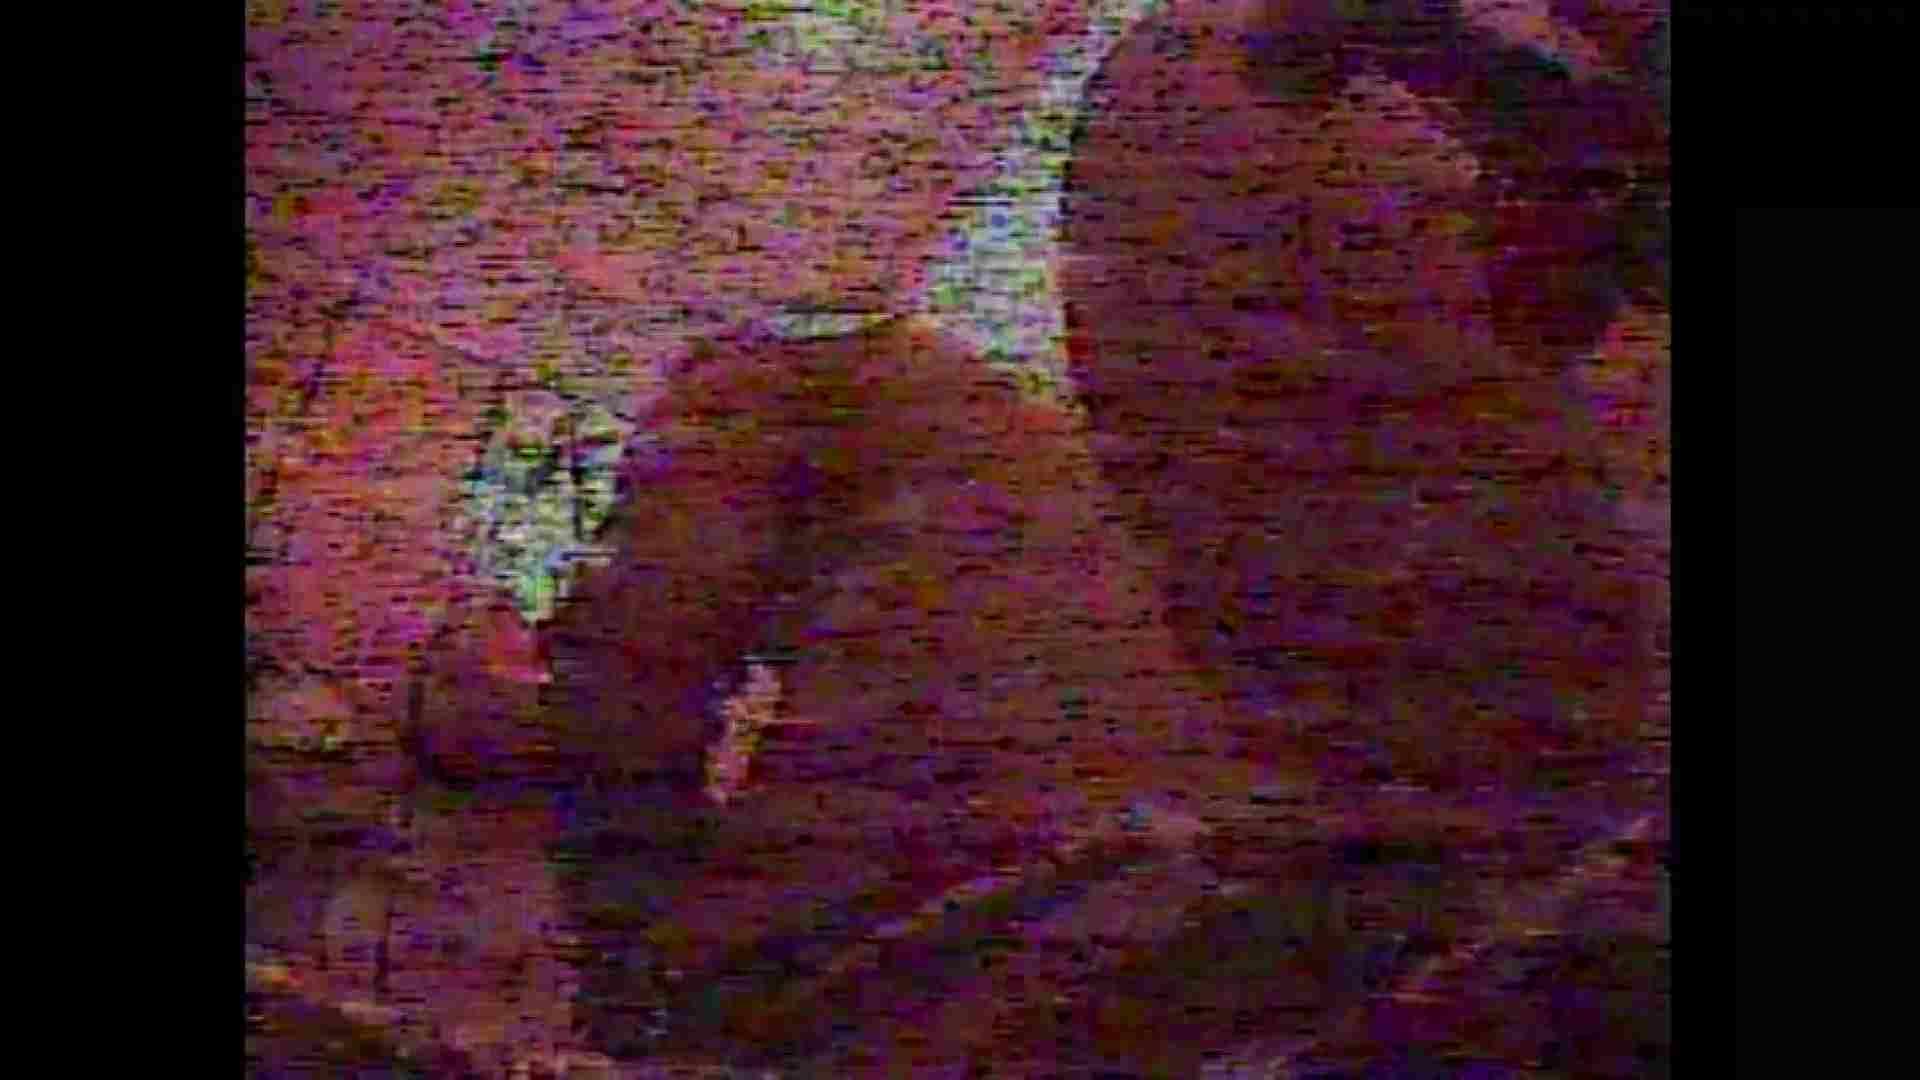 レース場での秘め事 Vol.05 ギャルズ  97画像 78